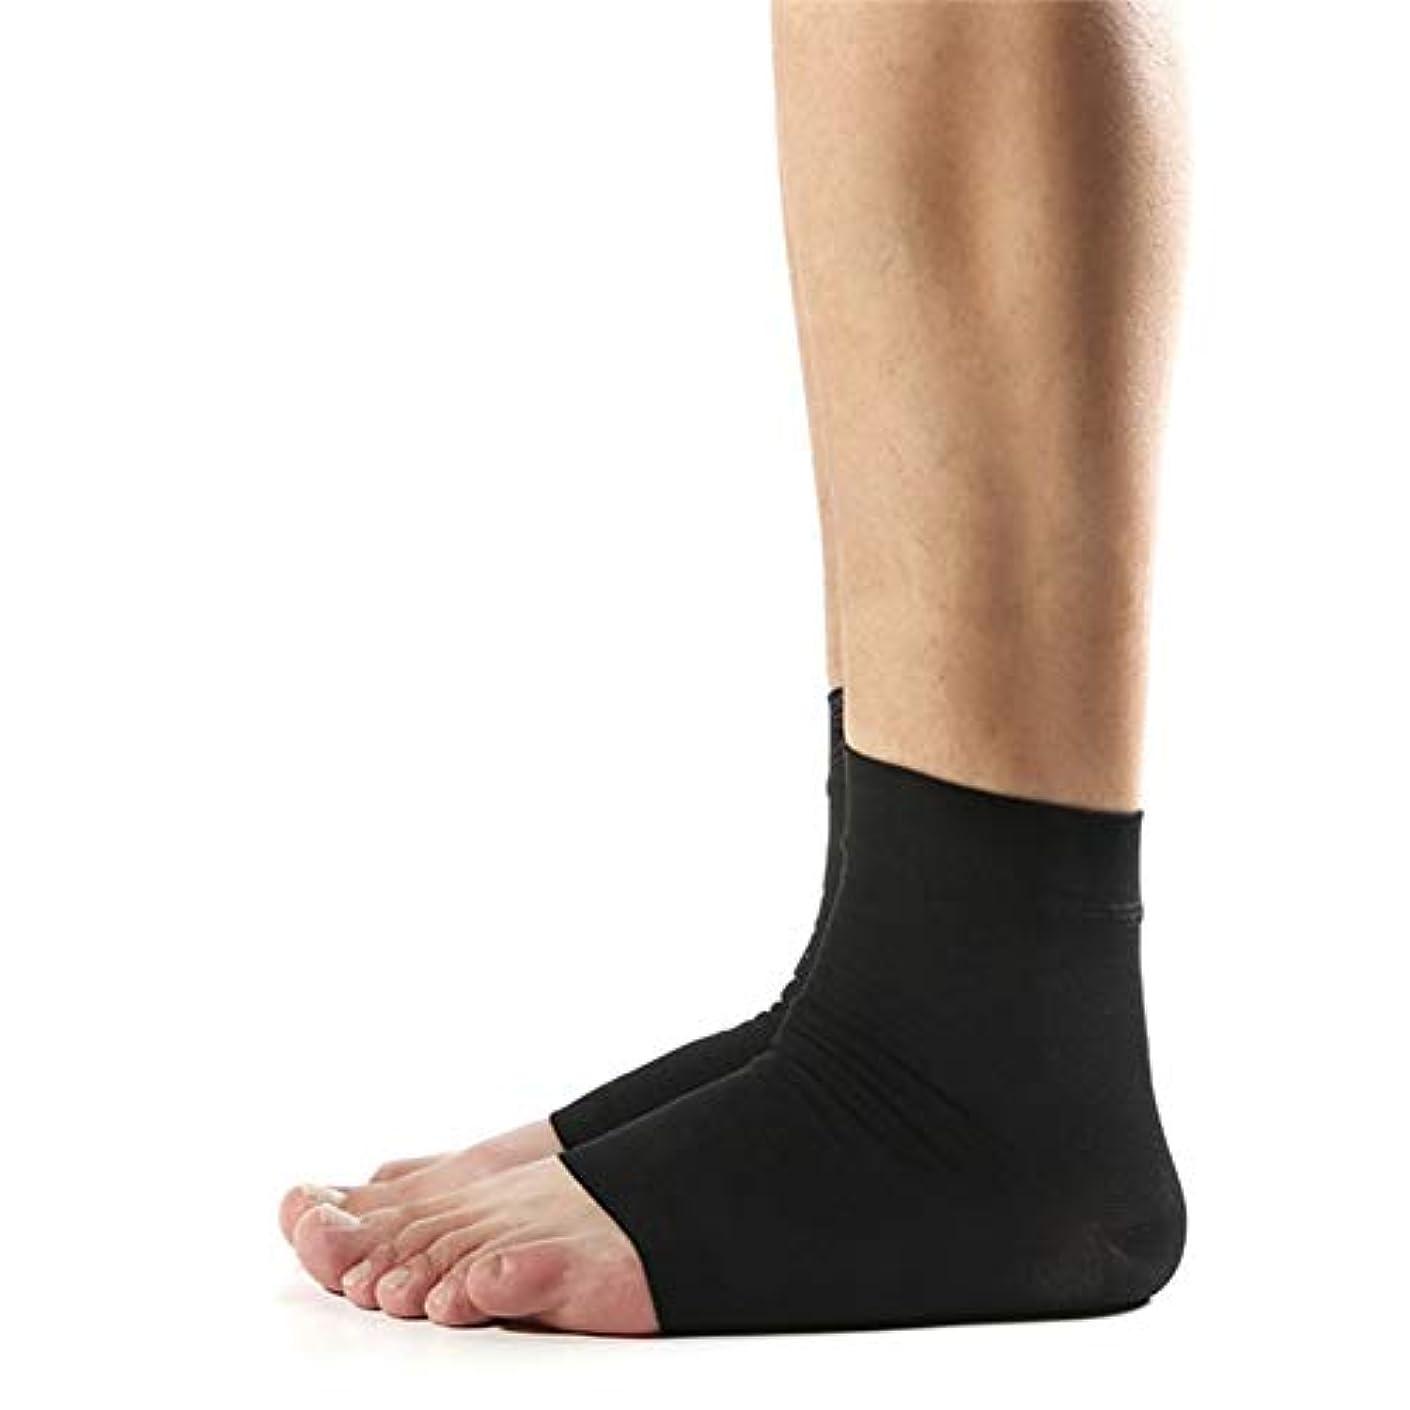 まもなく日記に負けるかかと保護弾性靴下(1ペア)、ハイヒールを破裂させるためのかかと保護装置、足底筋膜炎の緩和、かかとの拍車,黒,M